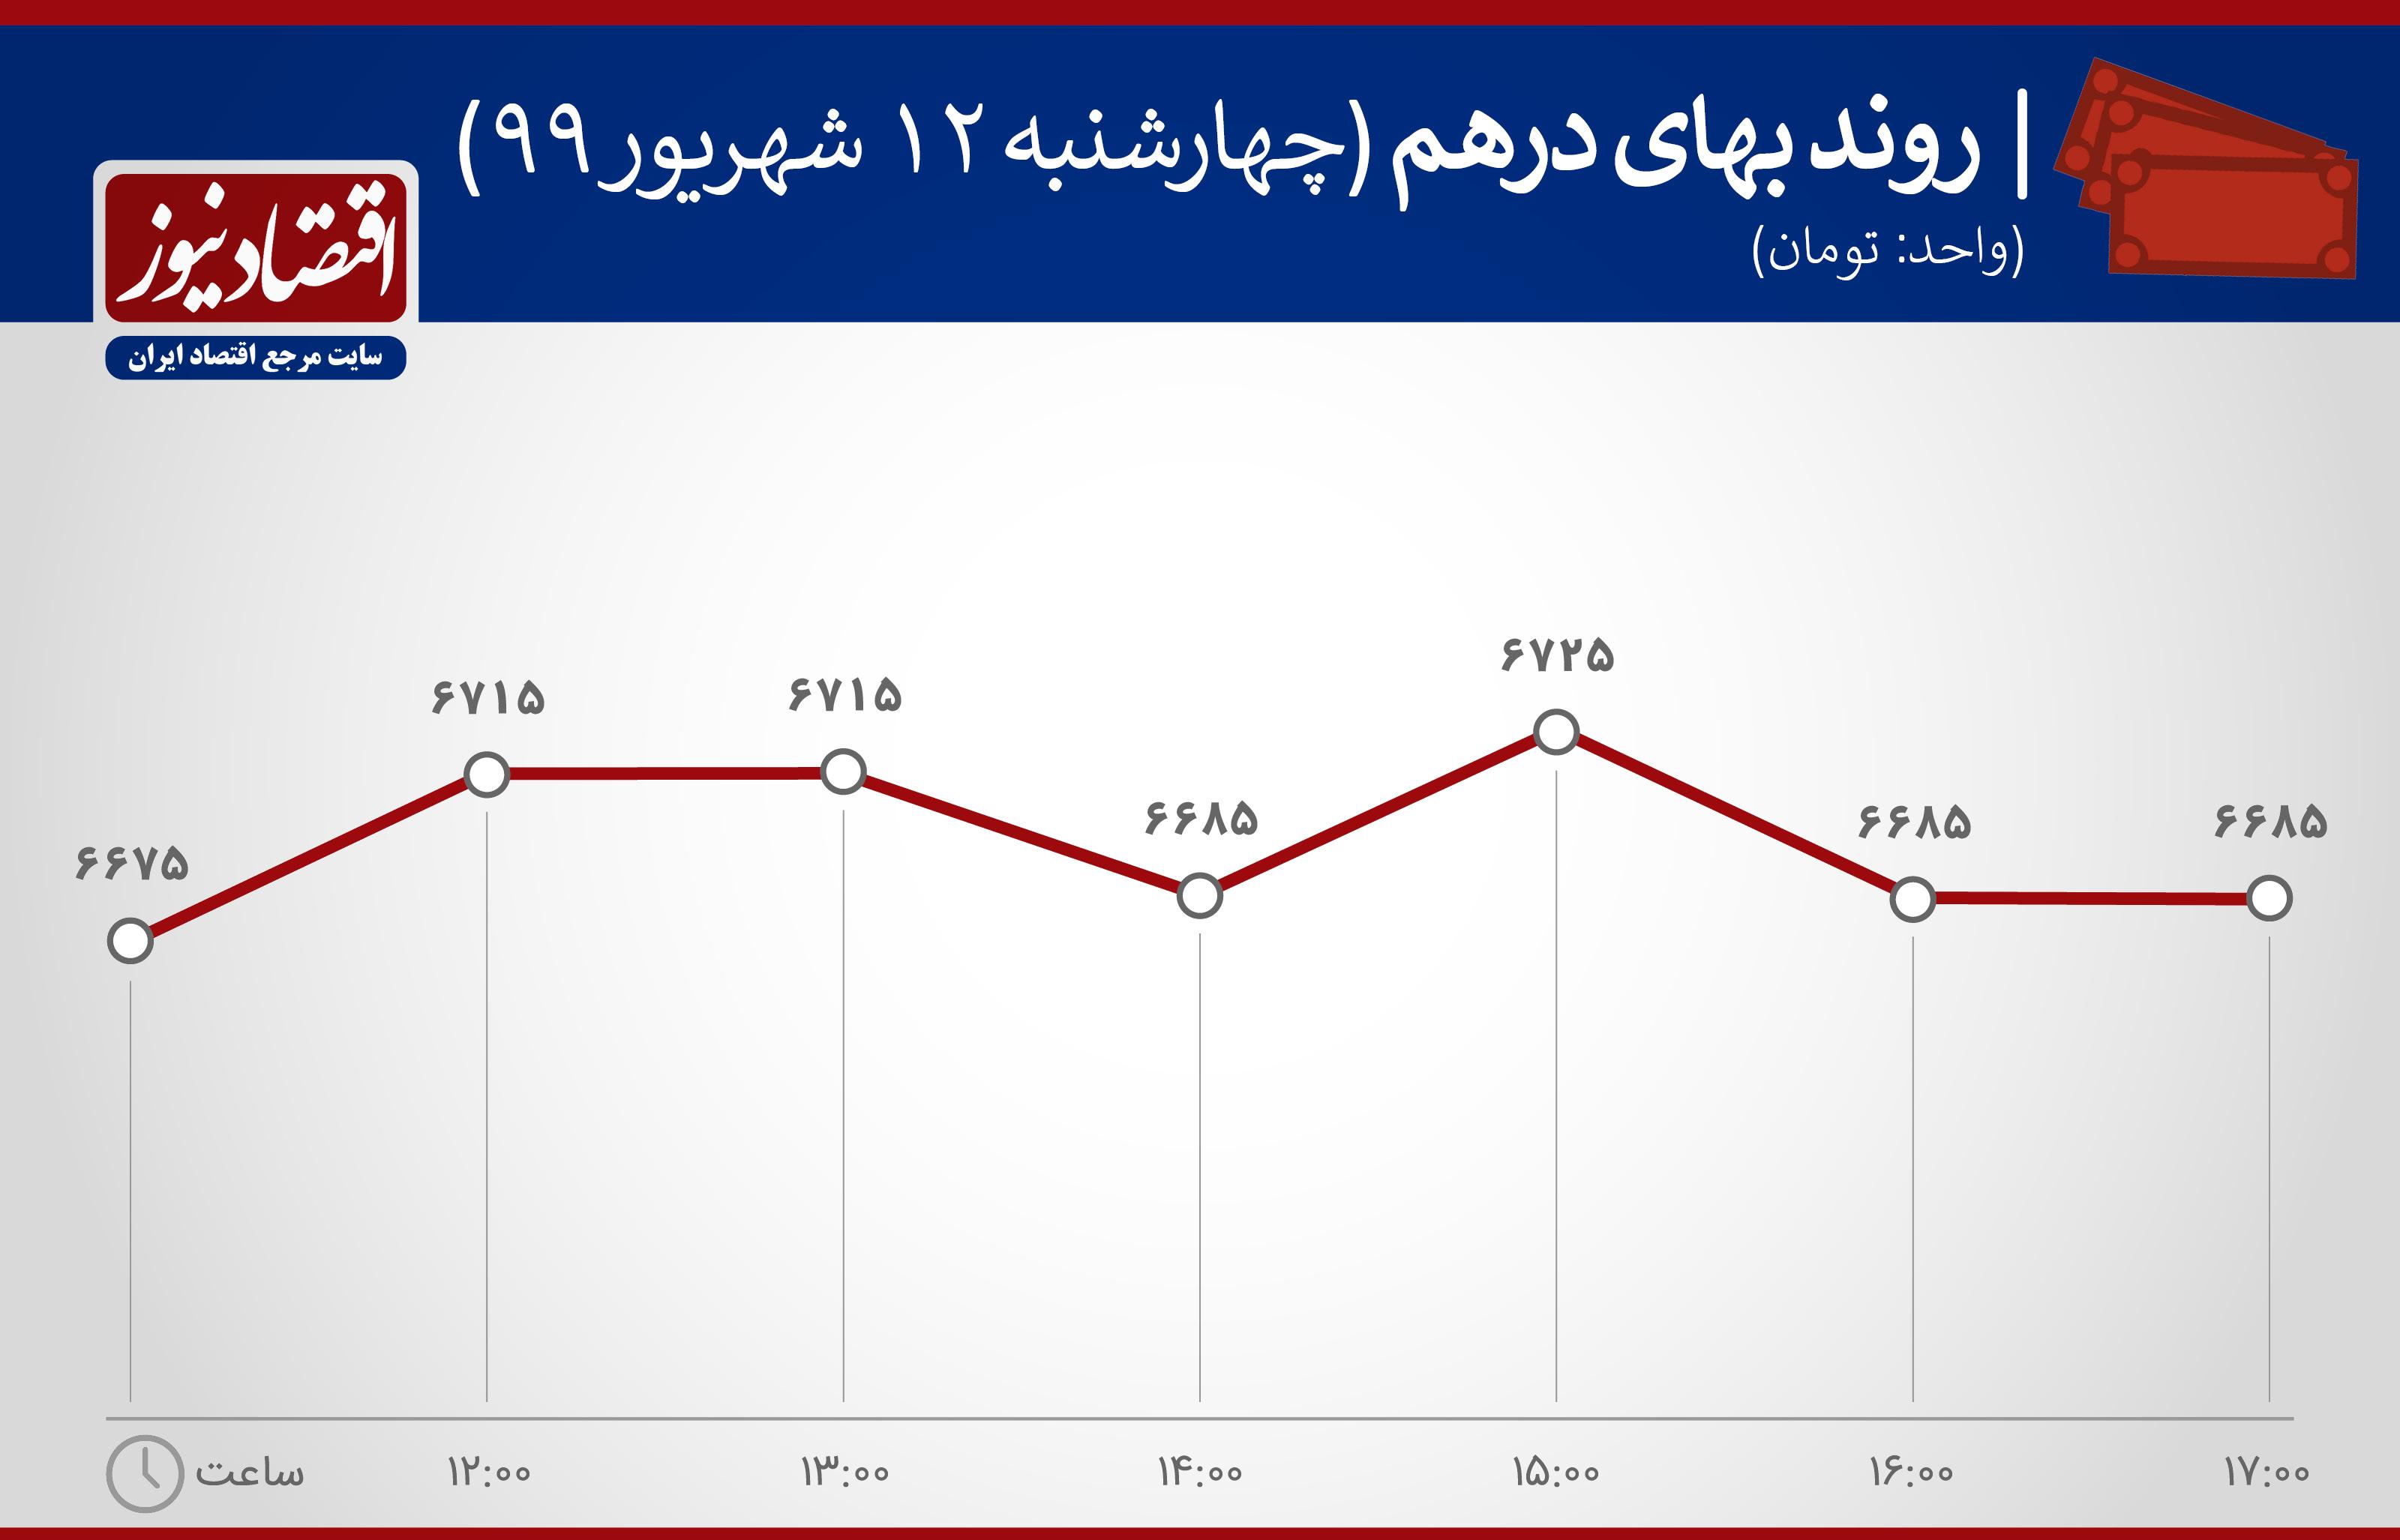 نمودار نوسانات ارزش درهم در 12 شهریور 99